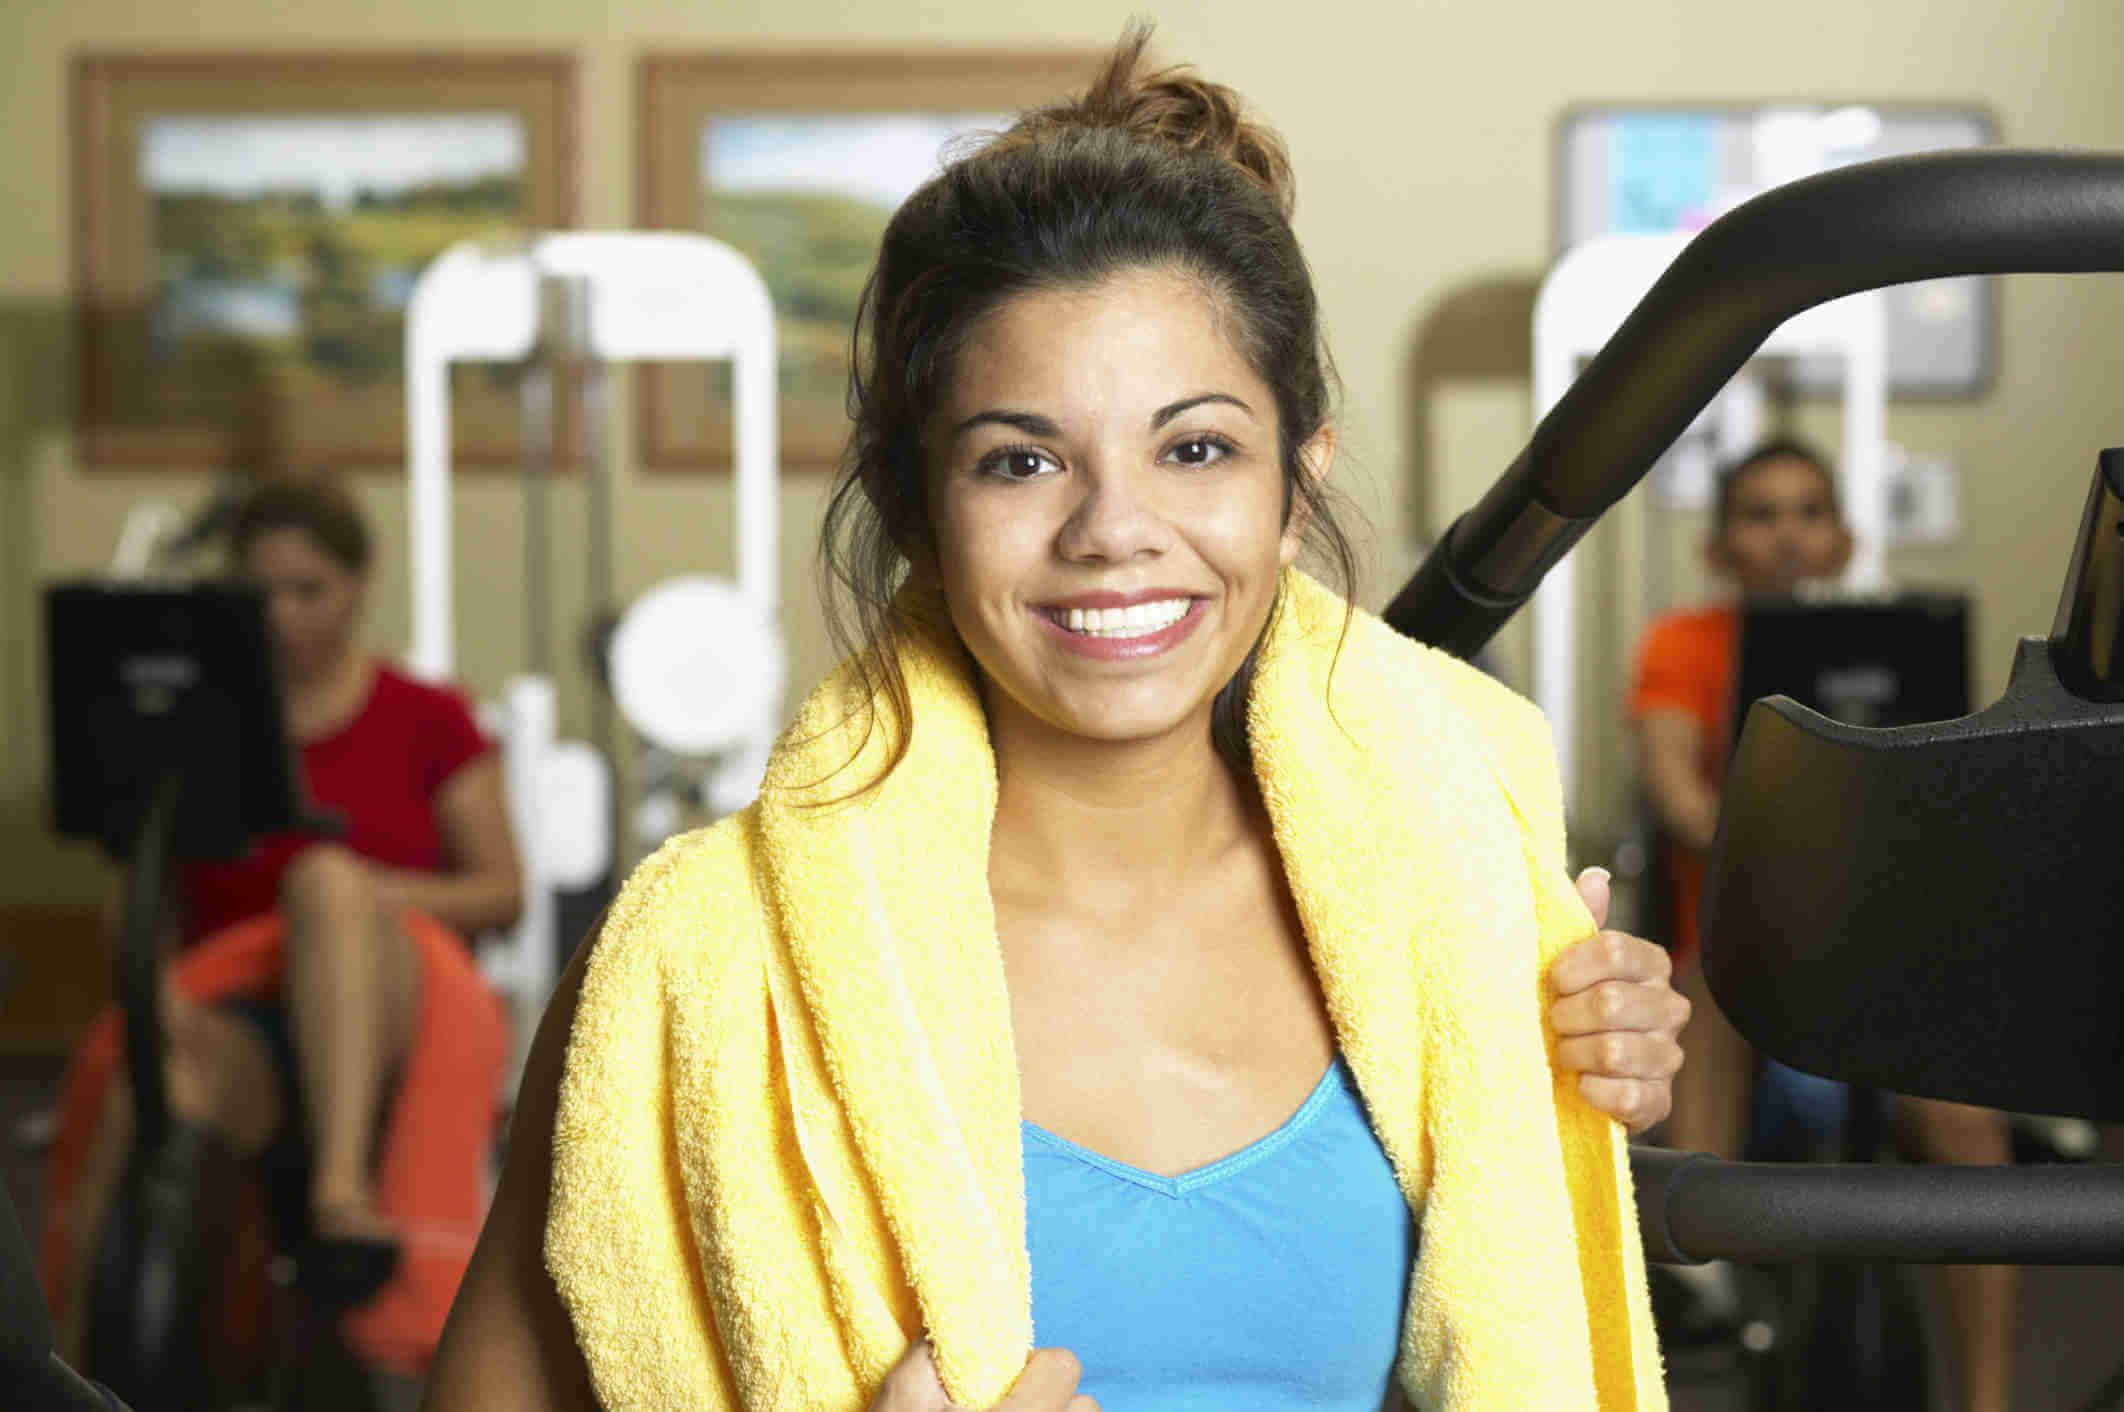 Importancia de usar toallas en el gimnasio